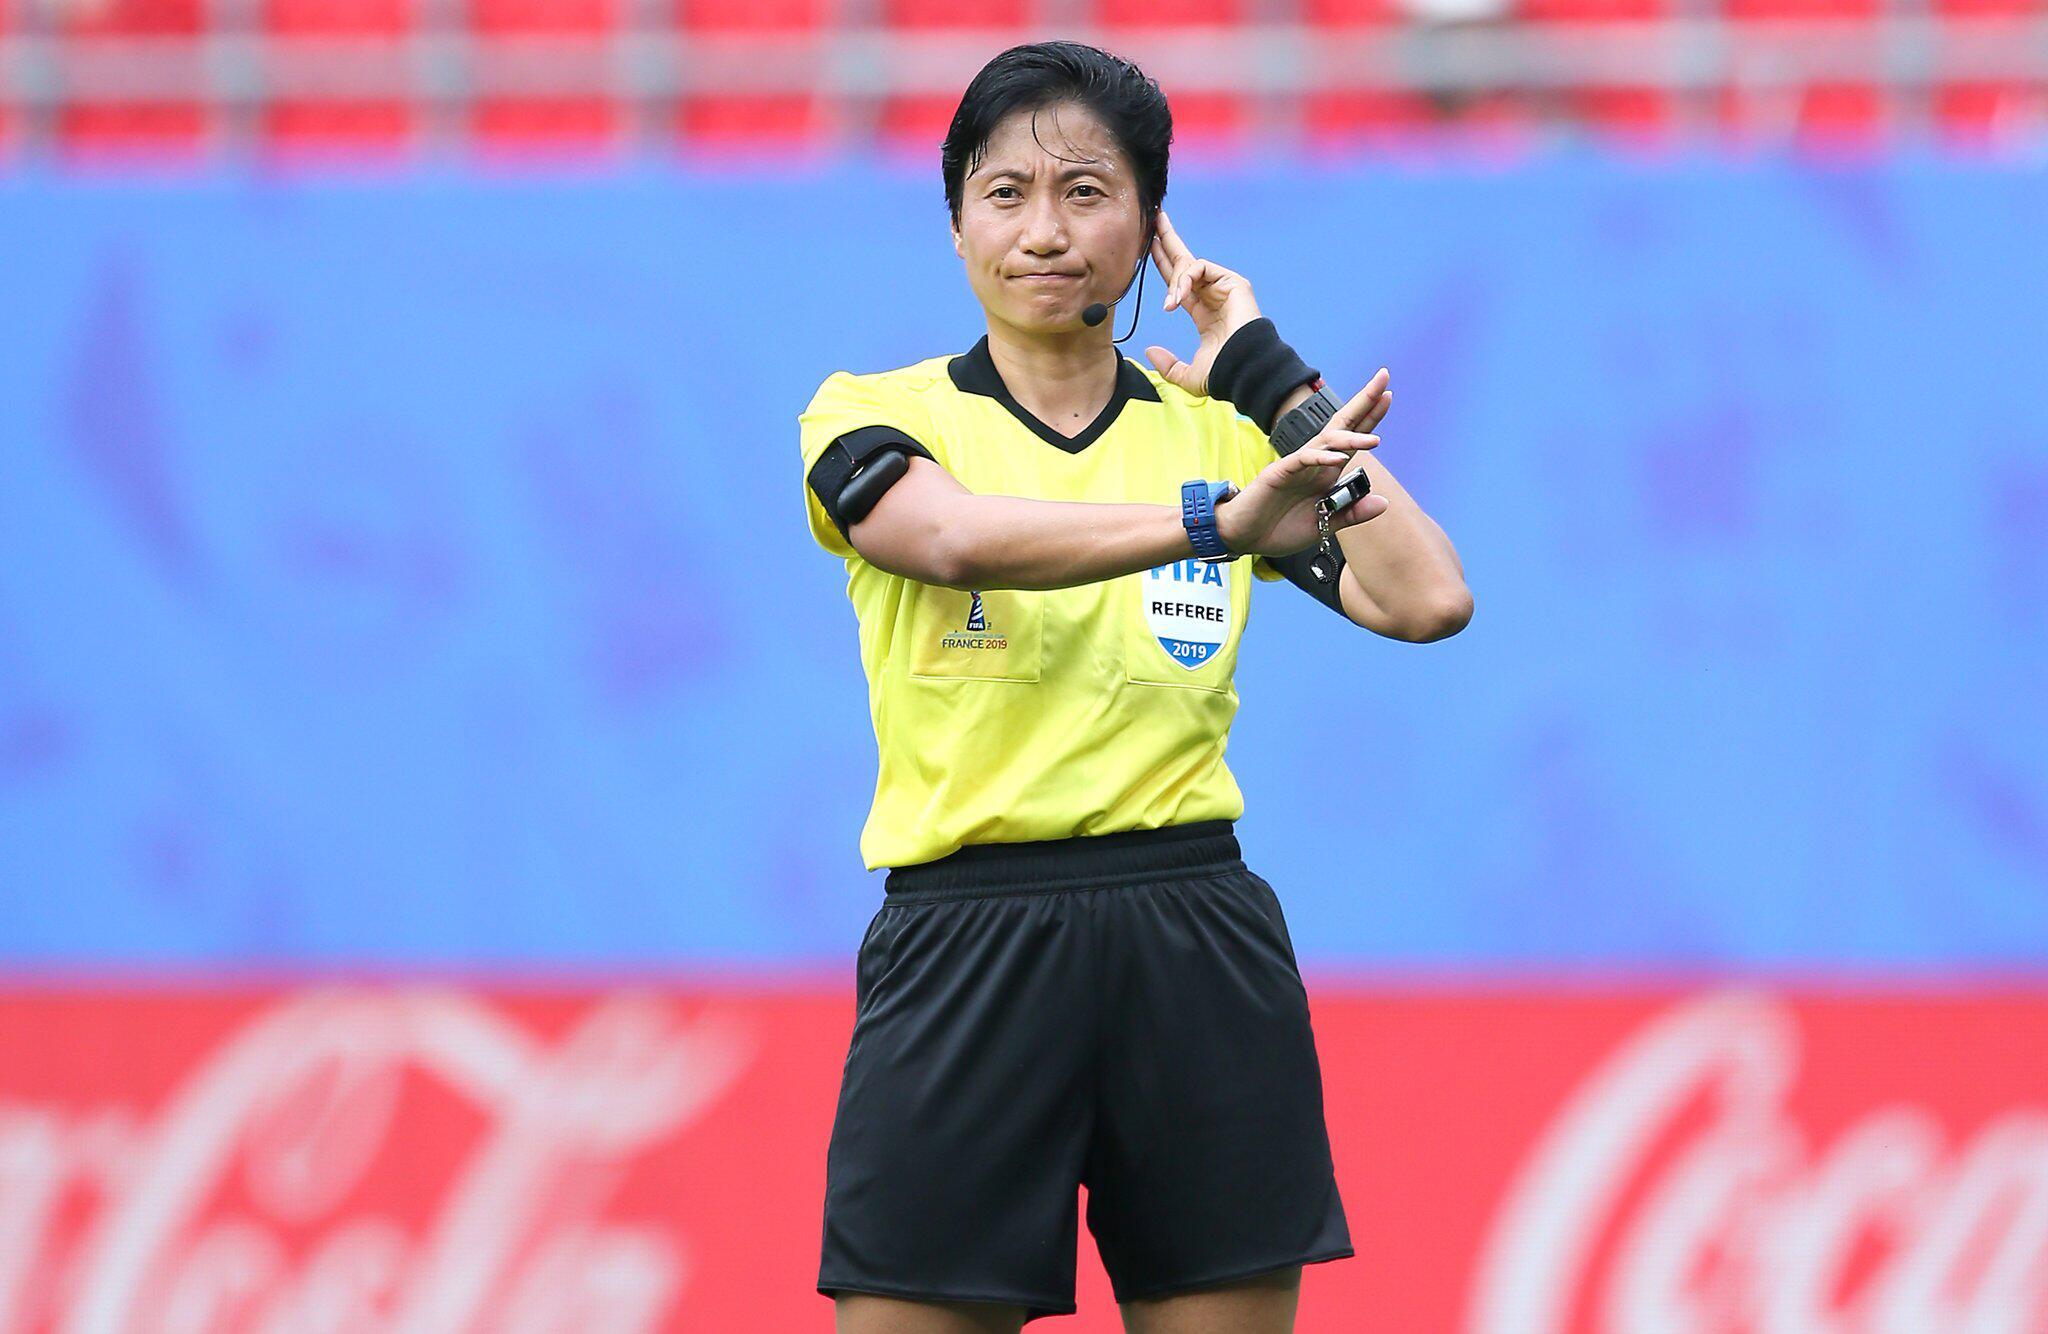 Bild zu Frauenfußball-WM, Frauen-WM 2019, Achtelfinale, Valencinnes, Frankreich, England, Kamerun, Liang Qin